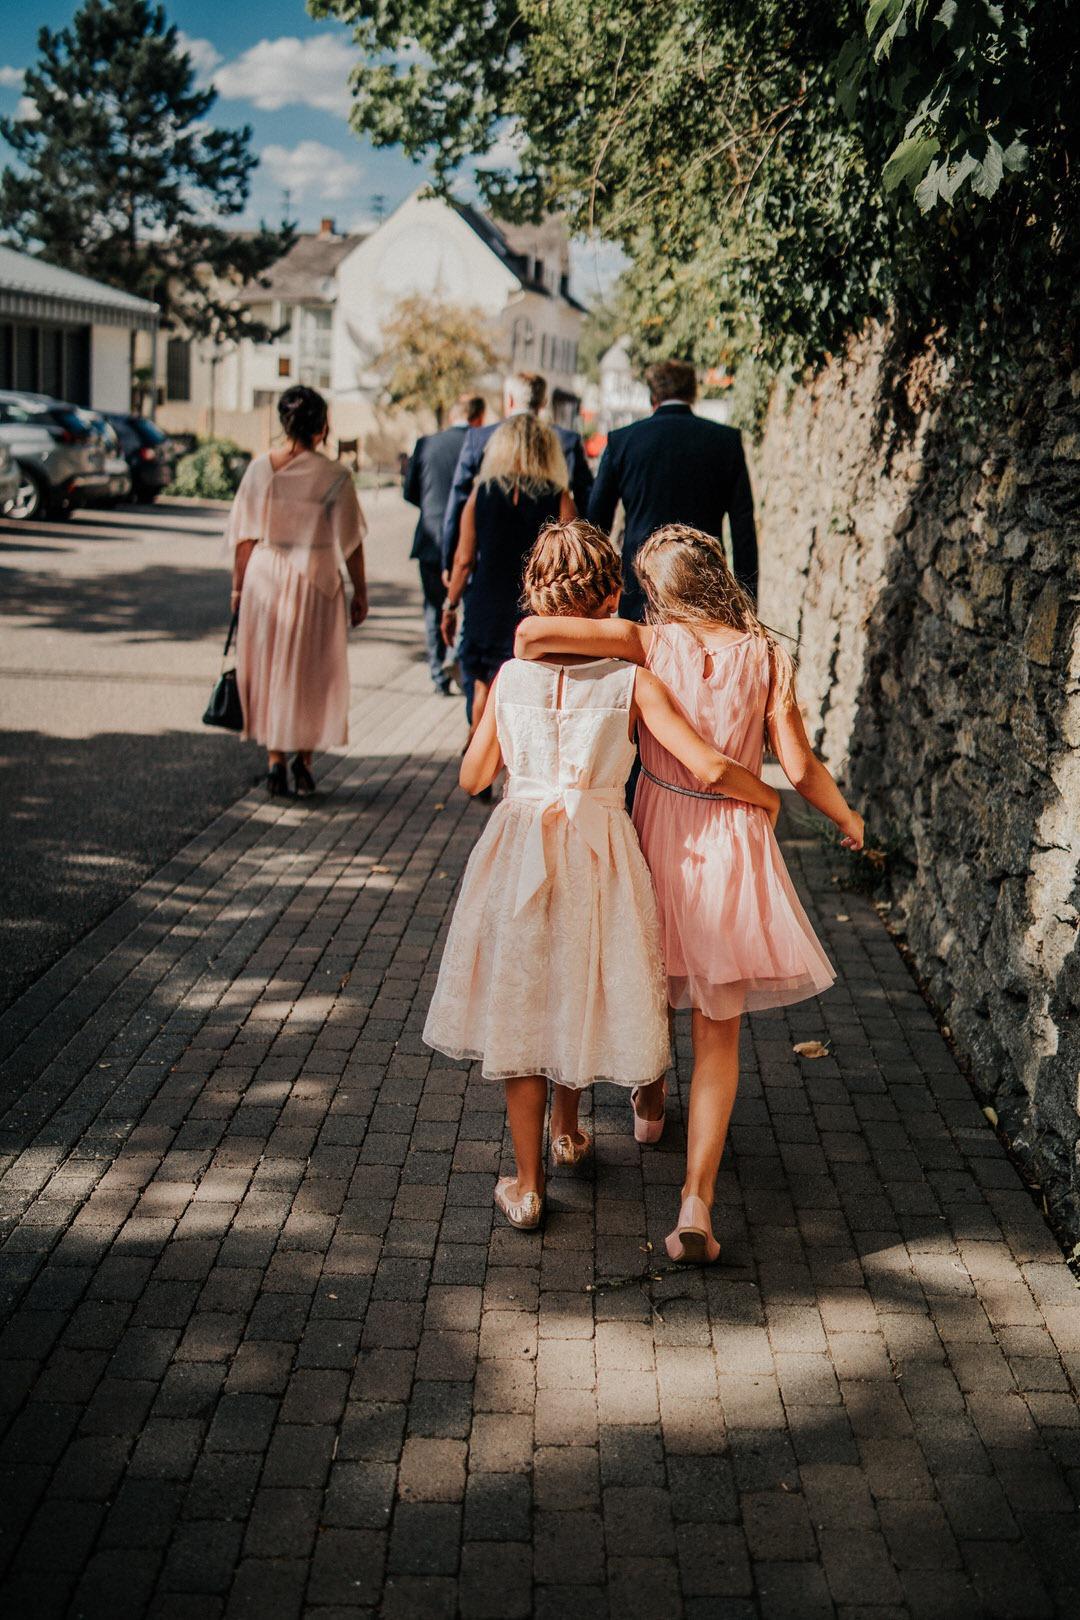 Brautmädchen arm in Arm, besondere Momente auf Hochzeiten sind das schöne an der Reportagefotografie und dem visual Storytelling. Natürliche Hochzeitsreportage-Fotografie durch Erfahrung